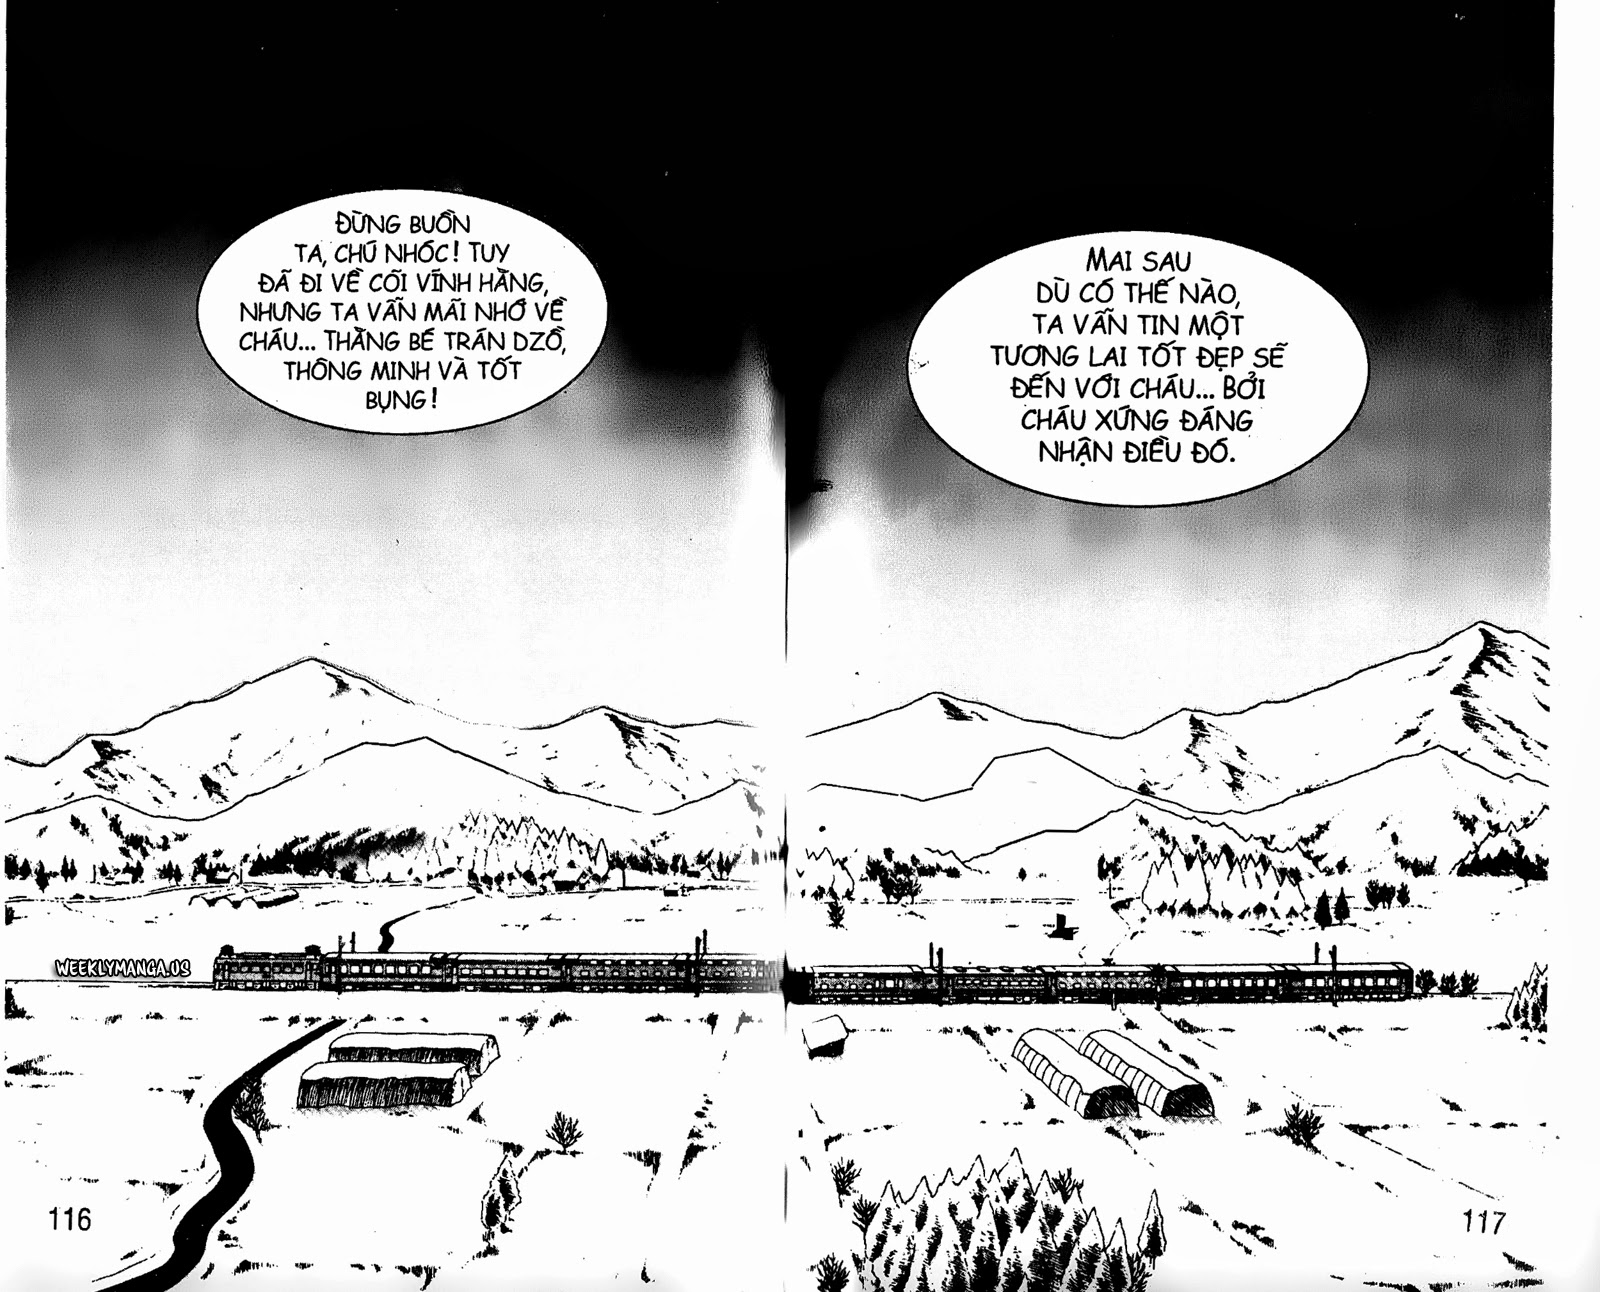 Shaman King [Vua pháp thuật] chap 177 trang 19